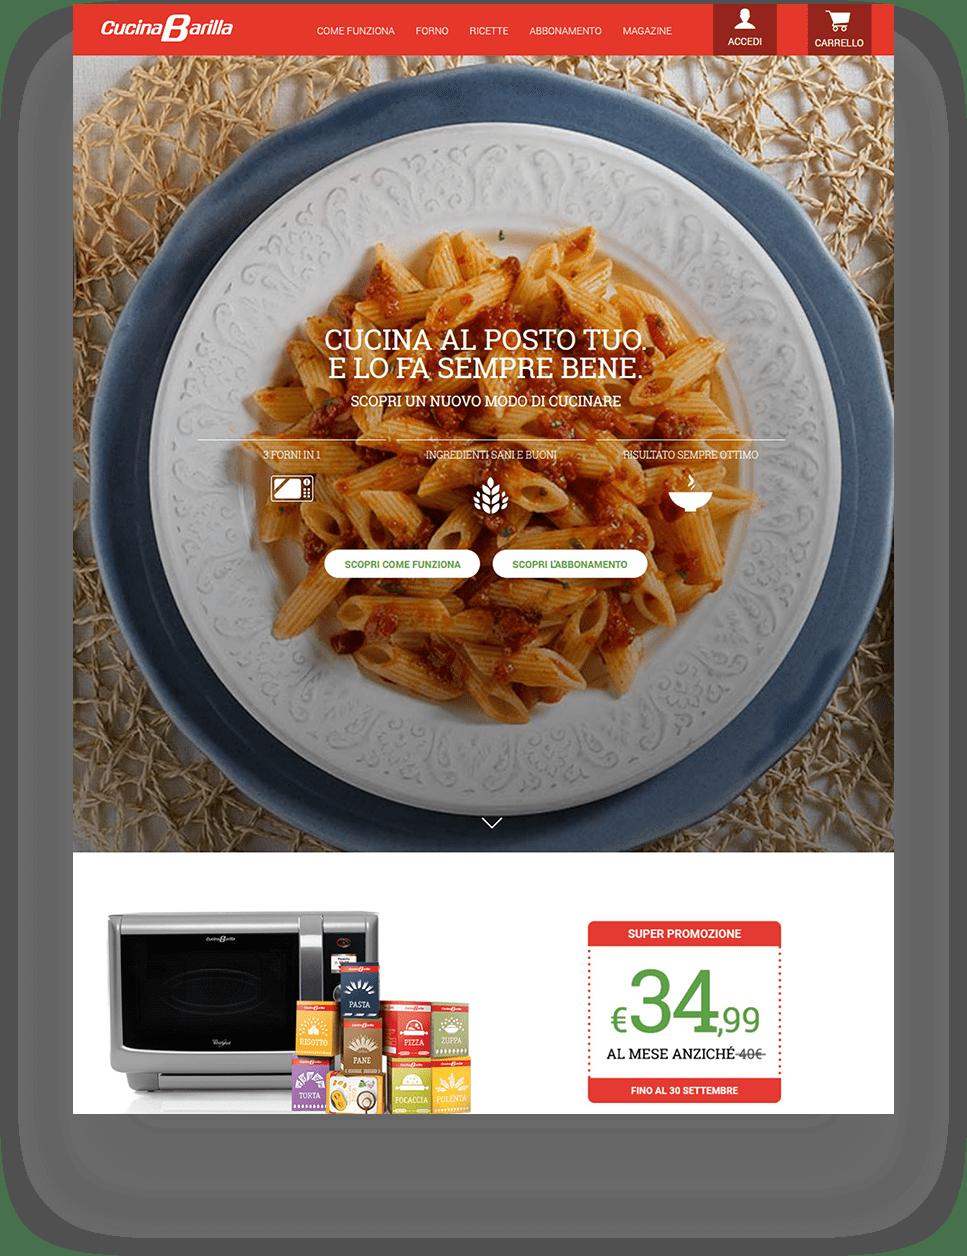 Cucina Barilla